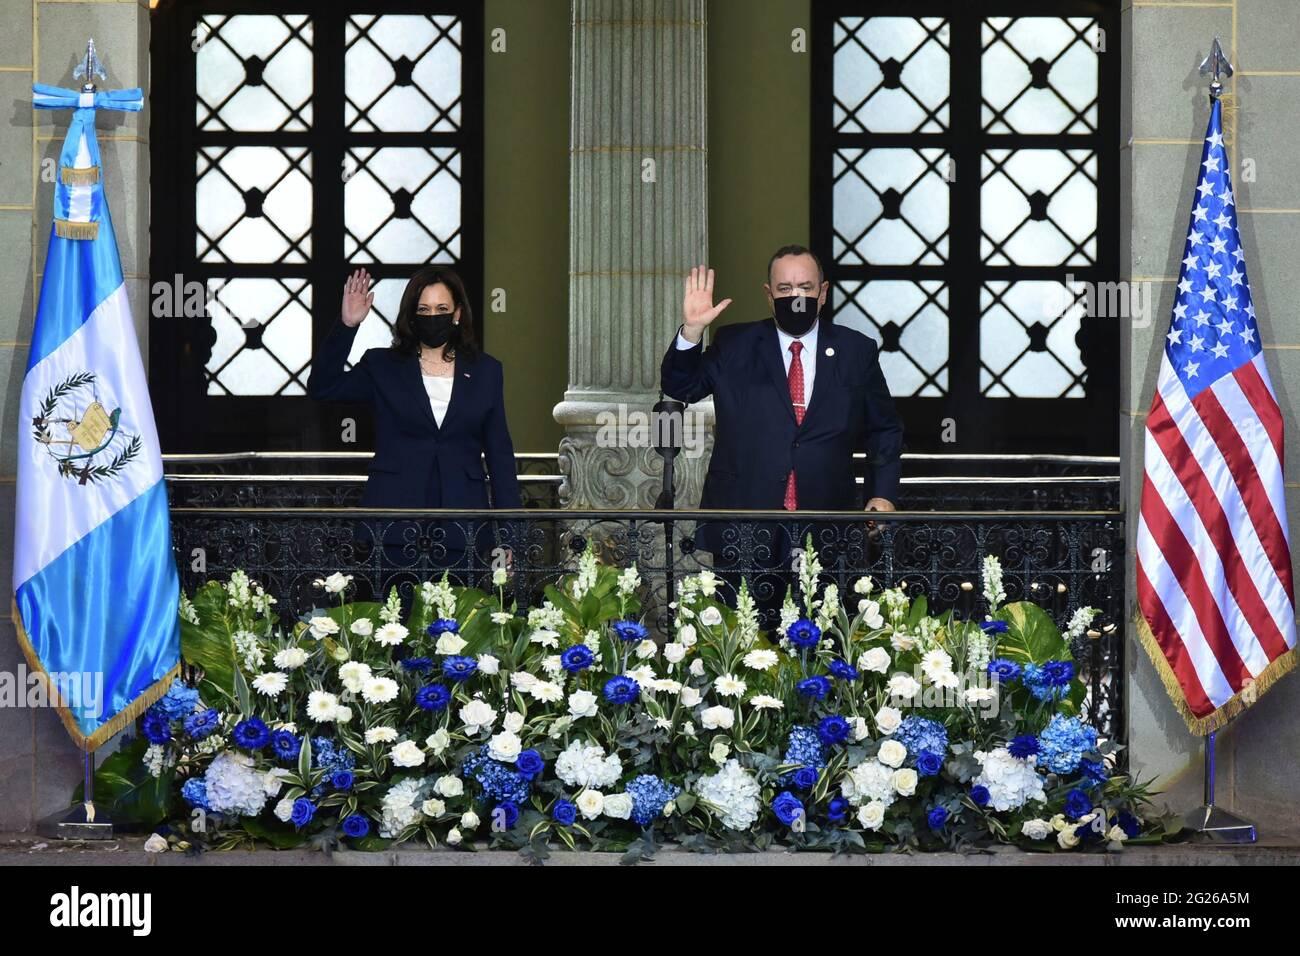 Guatemala-Stadt, Guatemala. Juni 2021. Die US-Vizepräsidentin Kamala Harris und der guatemaltekische Präsident Alejandro Giammattei winken vom Balkon des Kulturpalastes während der Ankunftszeremonien am 7. Juni 2021 in Guatemala City, Guatemala. Quelle: Planetpix/Alamy Live News Stockfoto